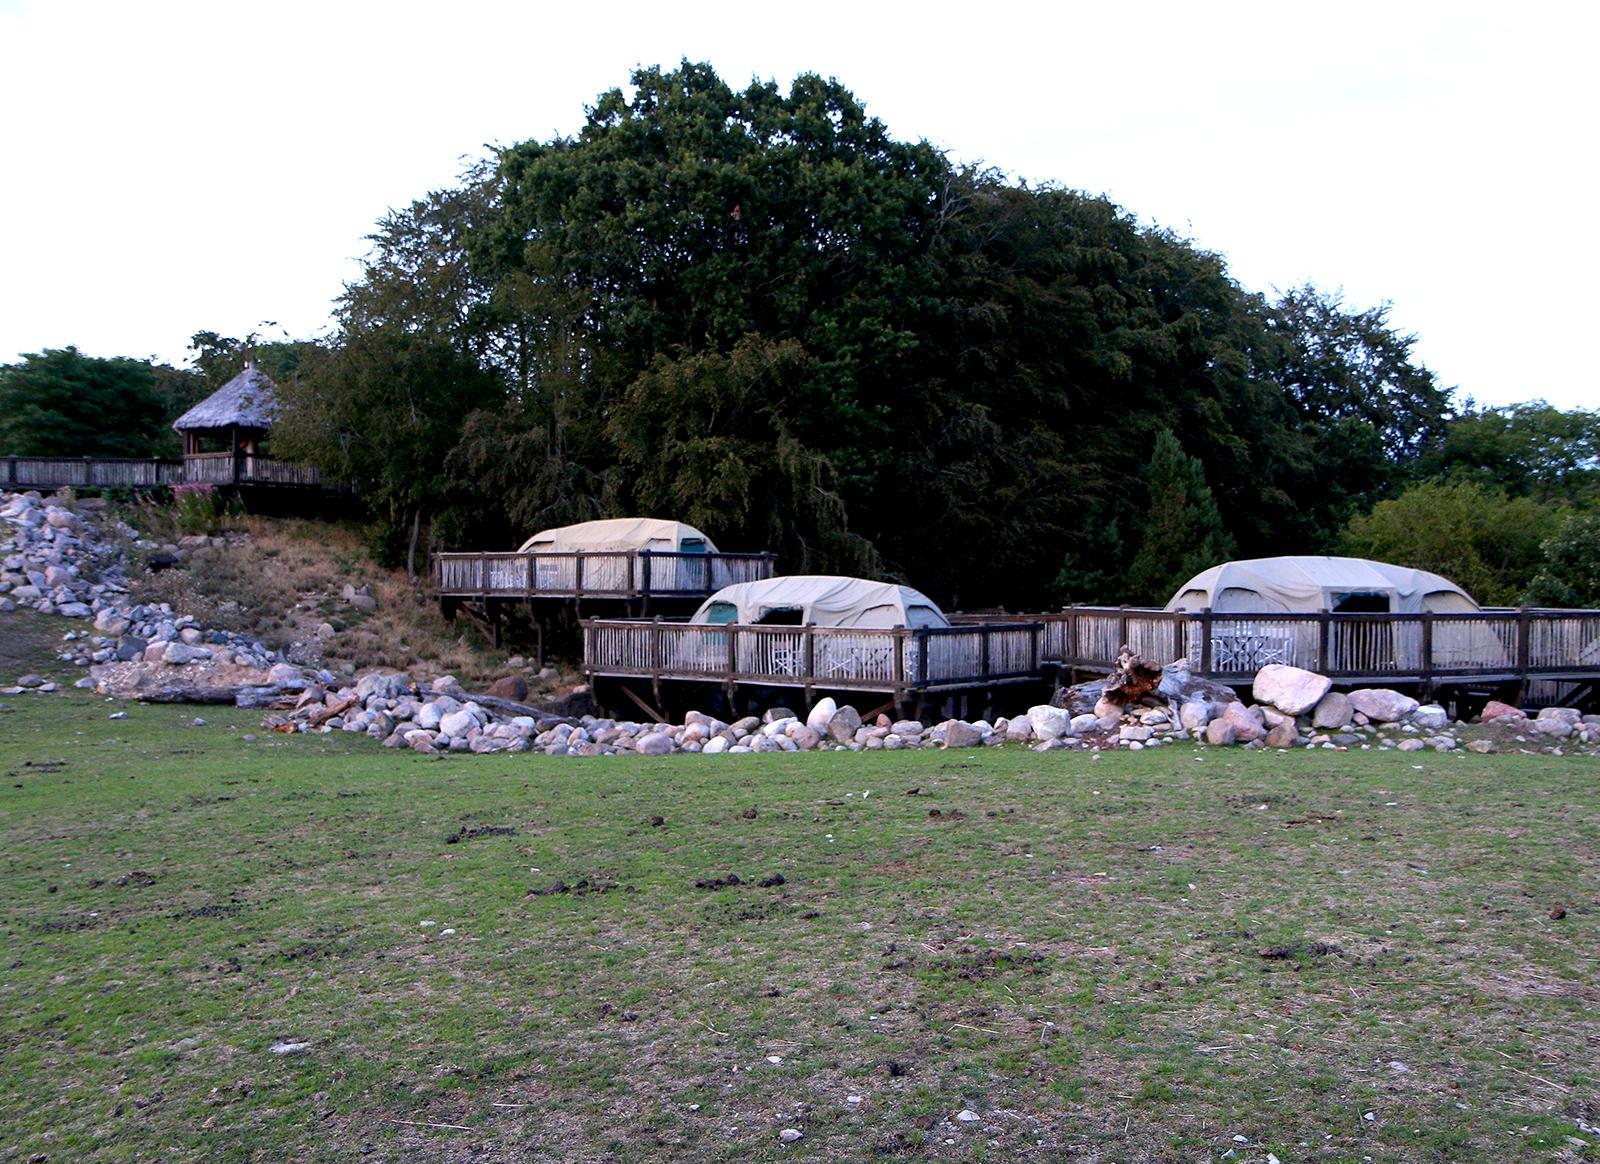 Overnatting: I disse teltene kan hele familien få en forglemmelig natt midt ute på savannen. Å høre ulvene ule i fjerne i nattemørket kan være litt skummelt, men samtidig fantastisk spennende. Foto: Fjord Line